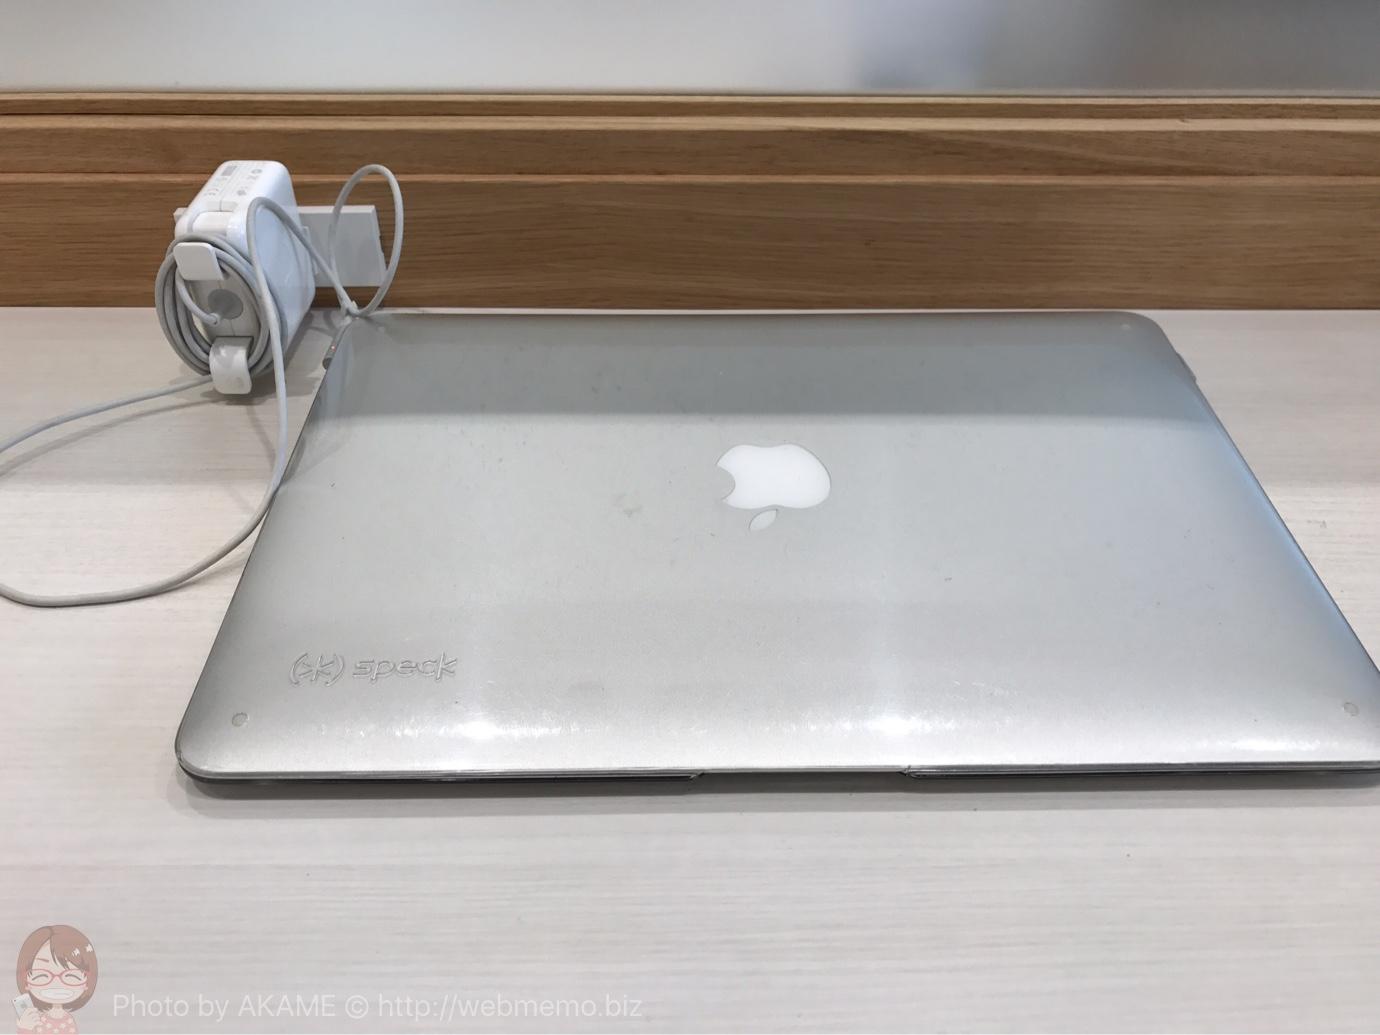 Macをテーブルに置いた様子